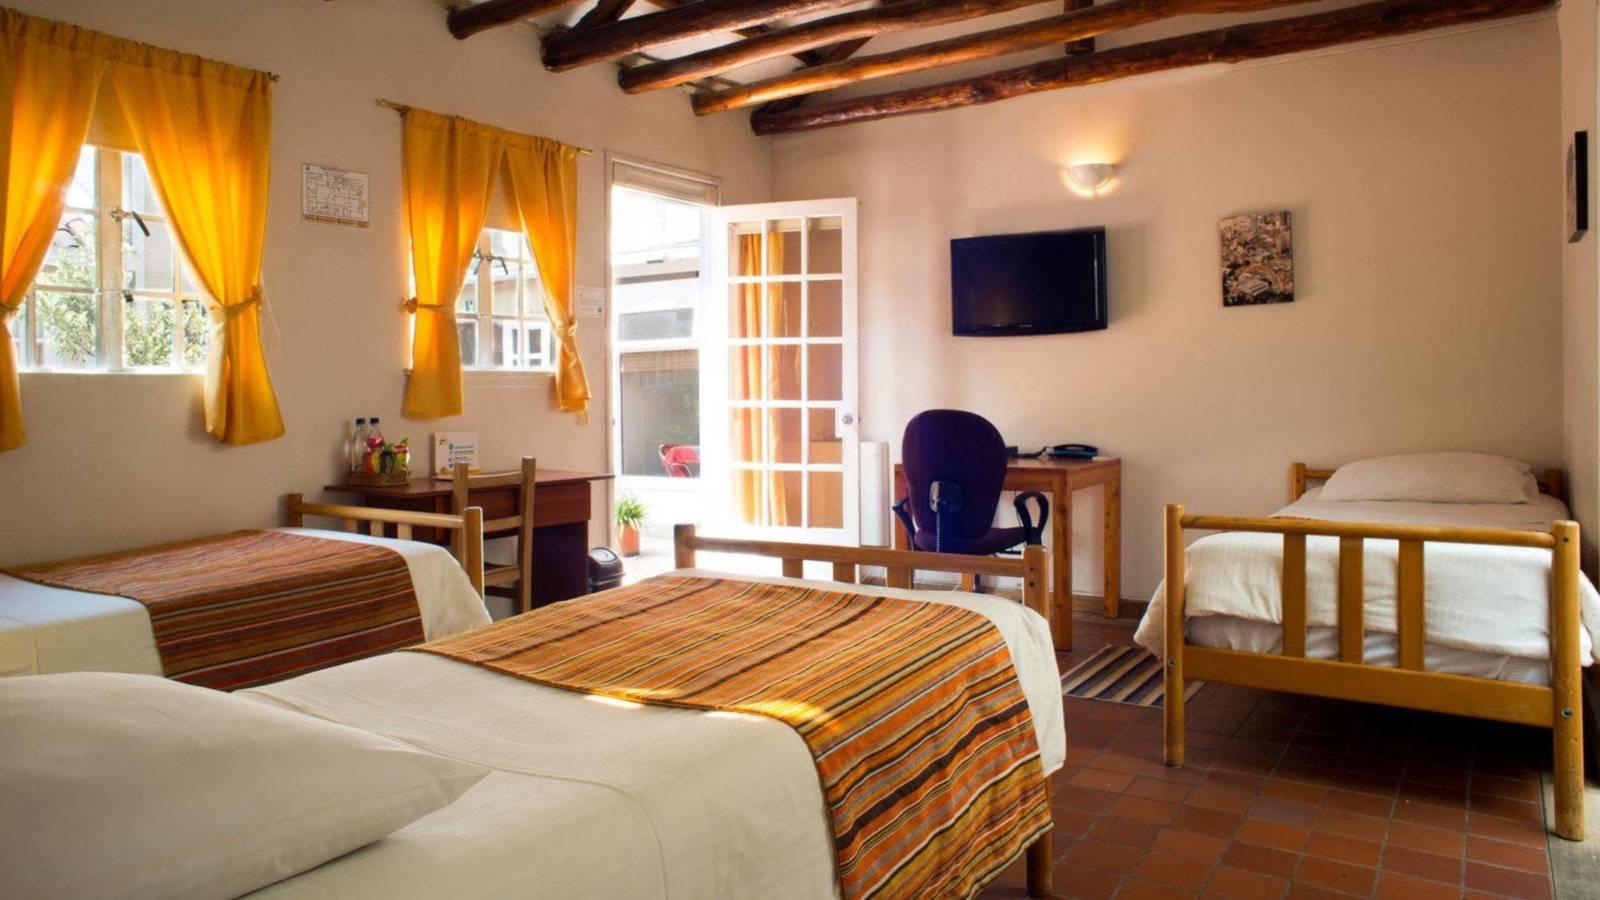 Gay hotels in Bogota - Hotel Casona del Patio is cosy and quiet.